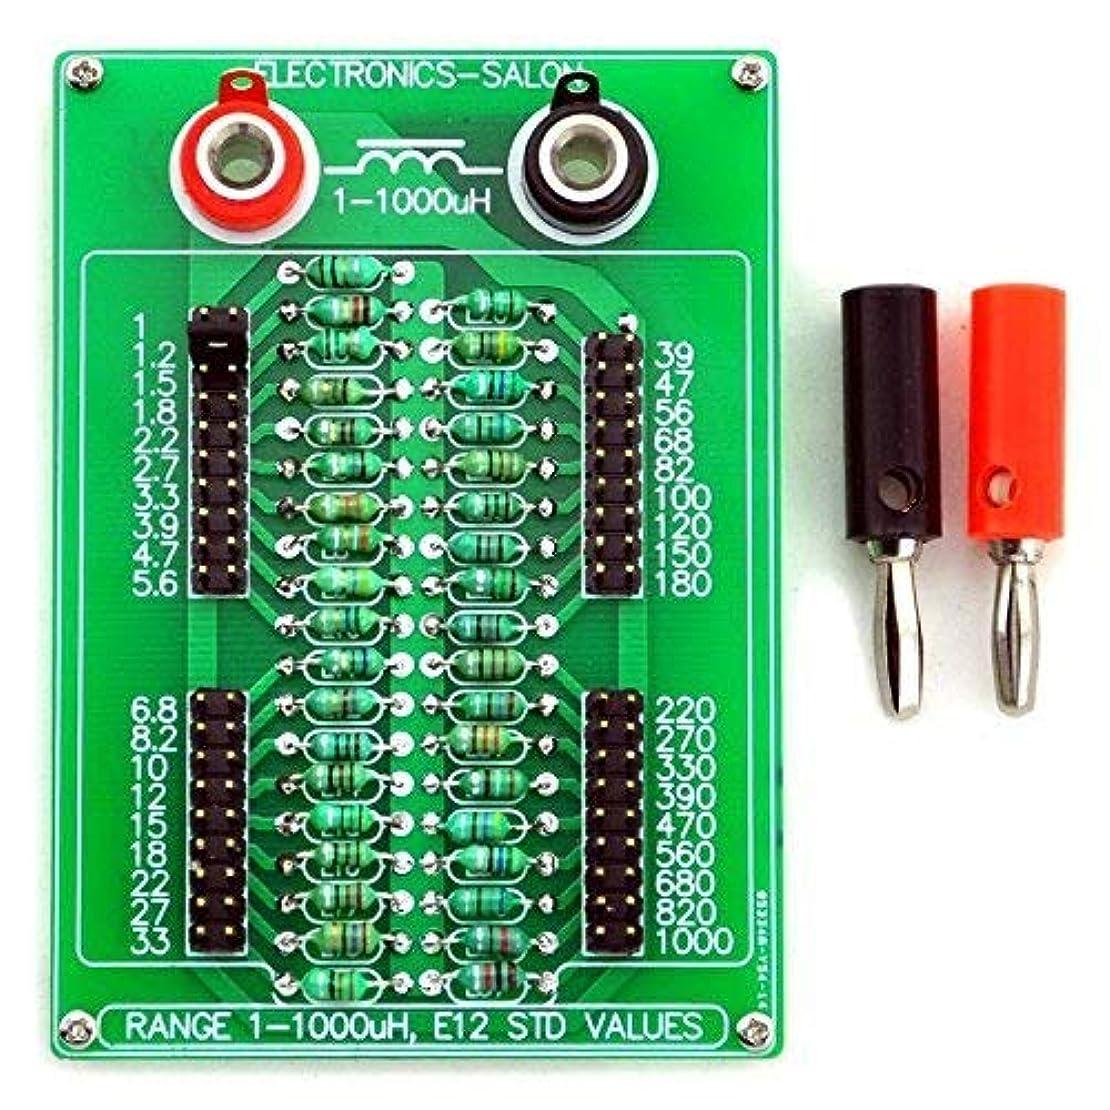 売るシェトランド諸島値するElectronics-Salon E12標準 37 値プログラマブルインダクタボード1000uhする1uh